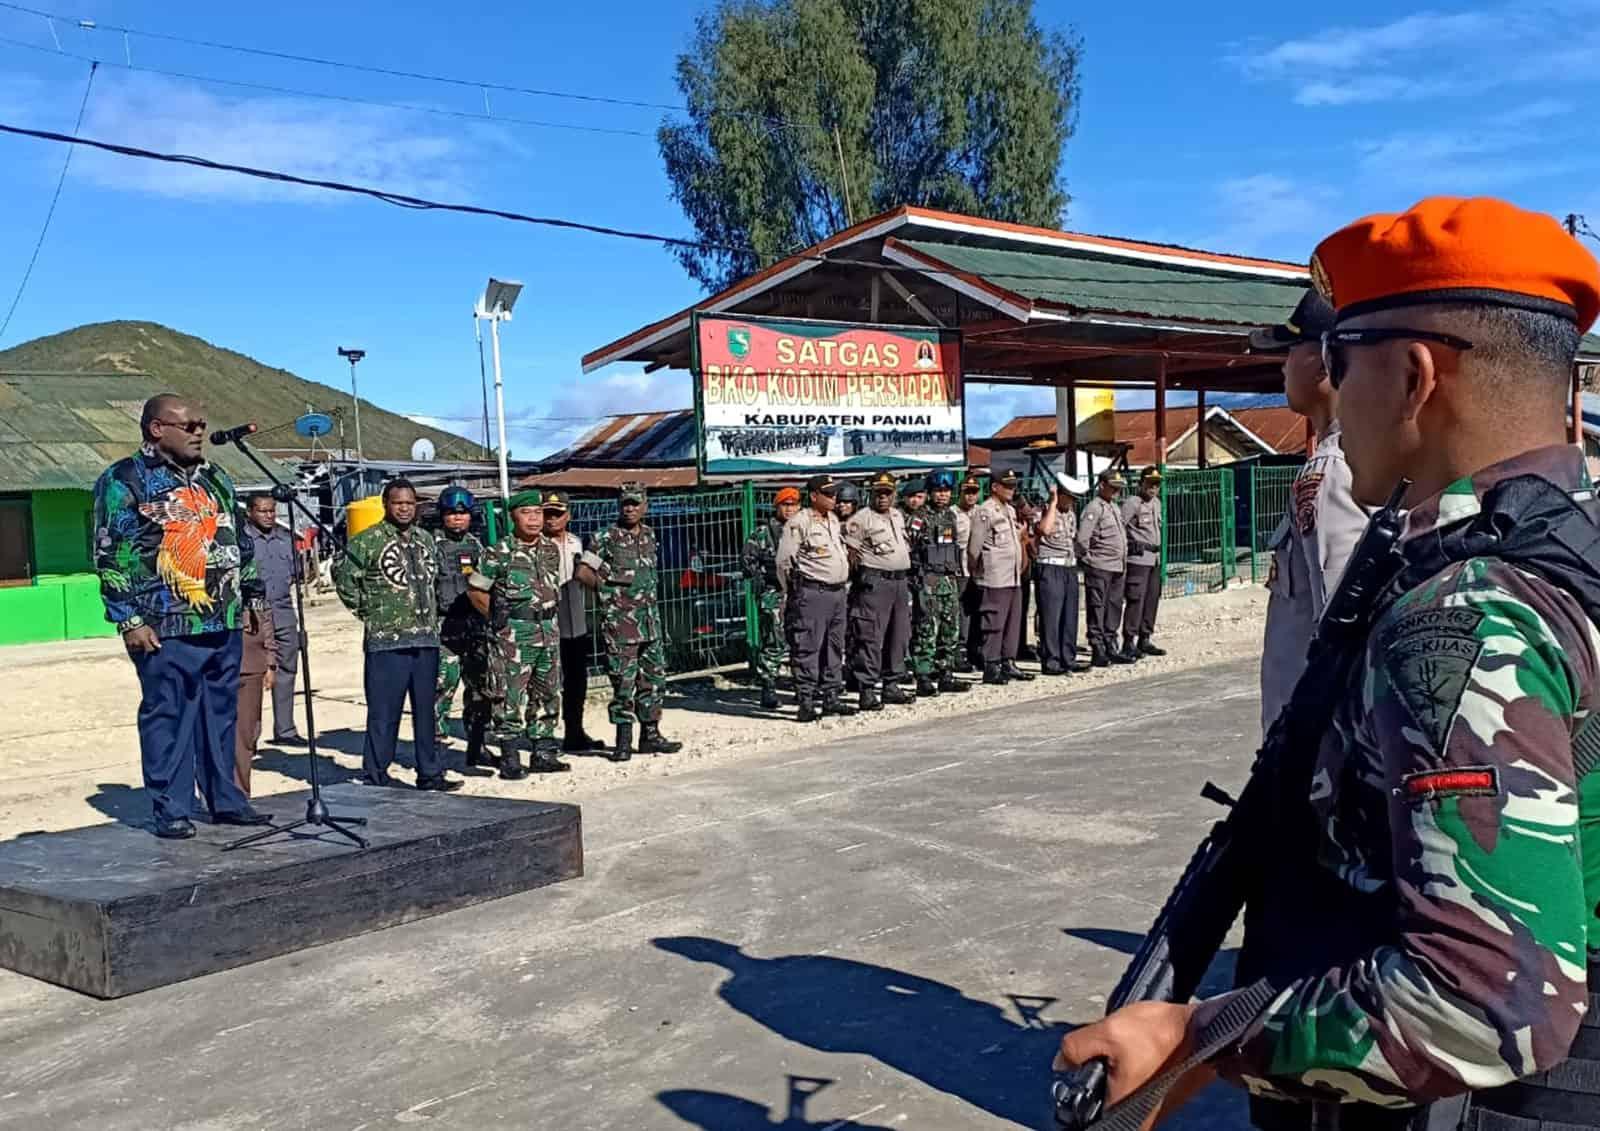 Satgas Pamrahwan Yonko 462 Paskhas Melaksanakan Apel dan Patroli Gabungan TNI-Polri